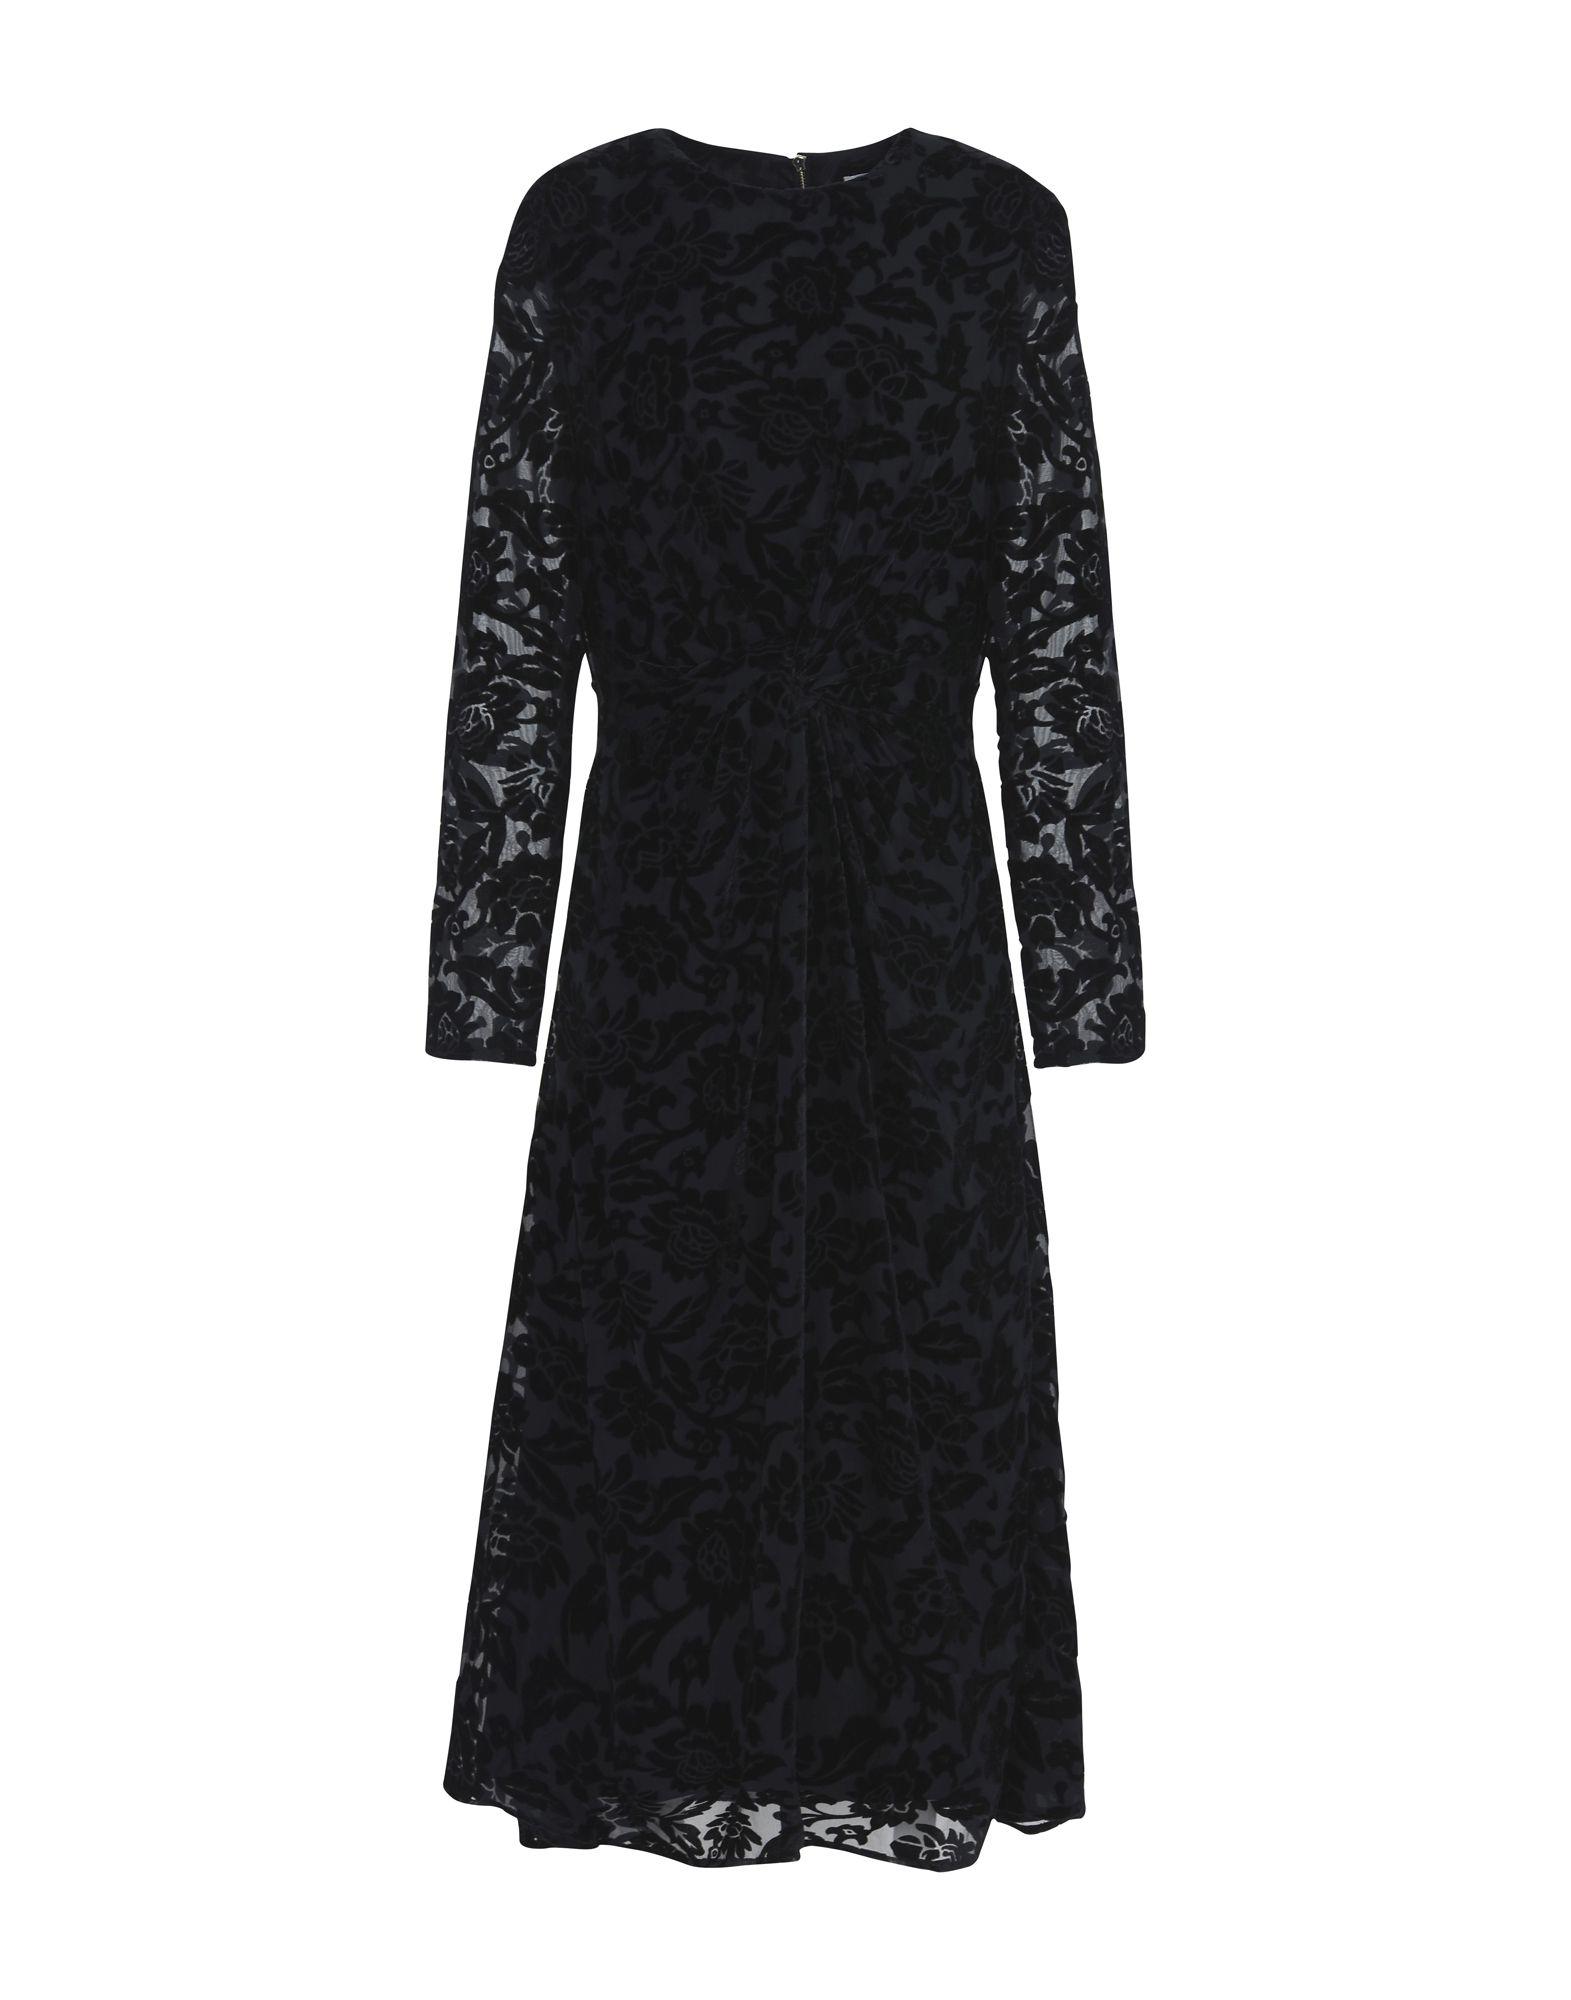 8 Платье длиной 3/4 8 платье длиной 3 4